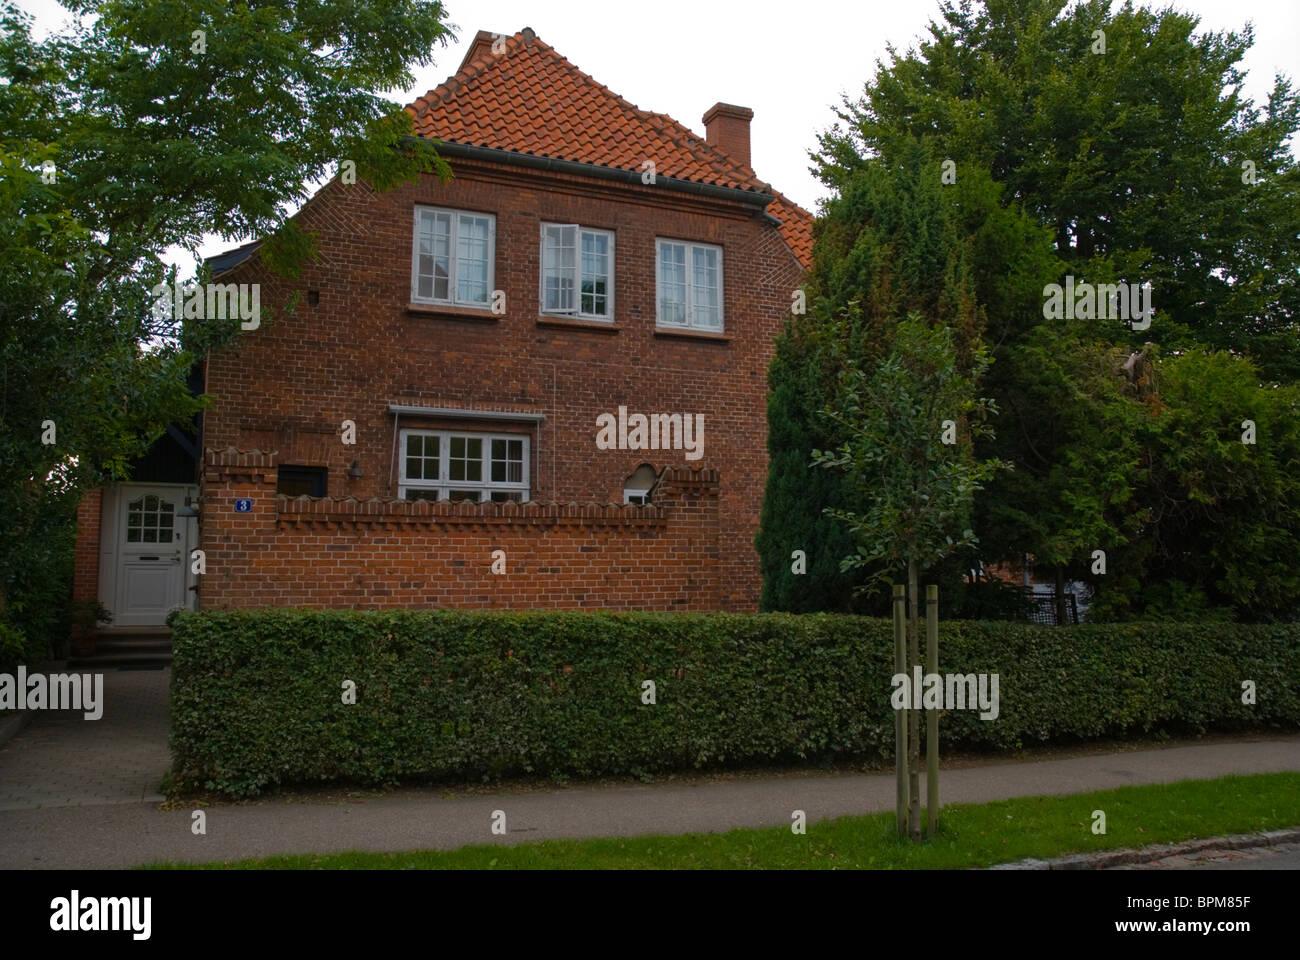 Residential red-brick building Roskilde Denmark Europe - Stock Image